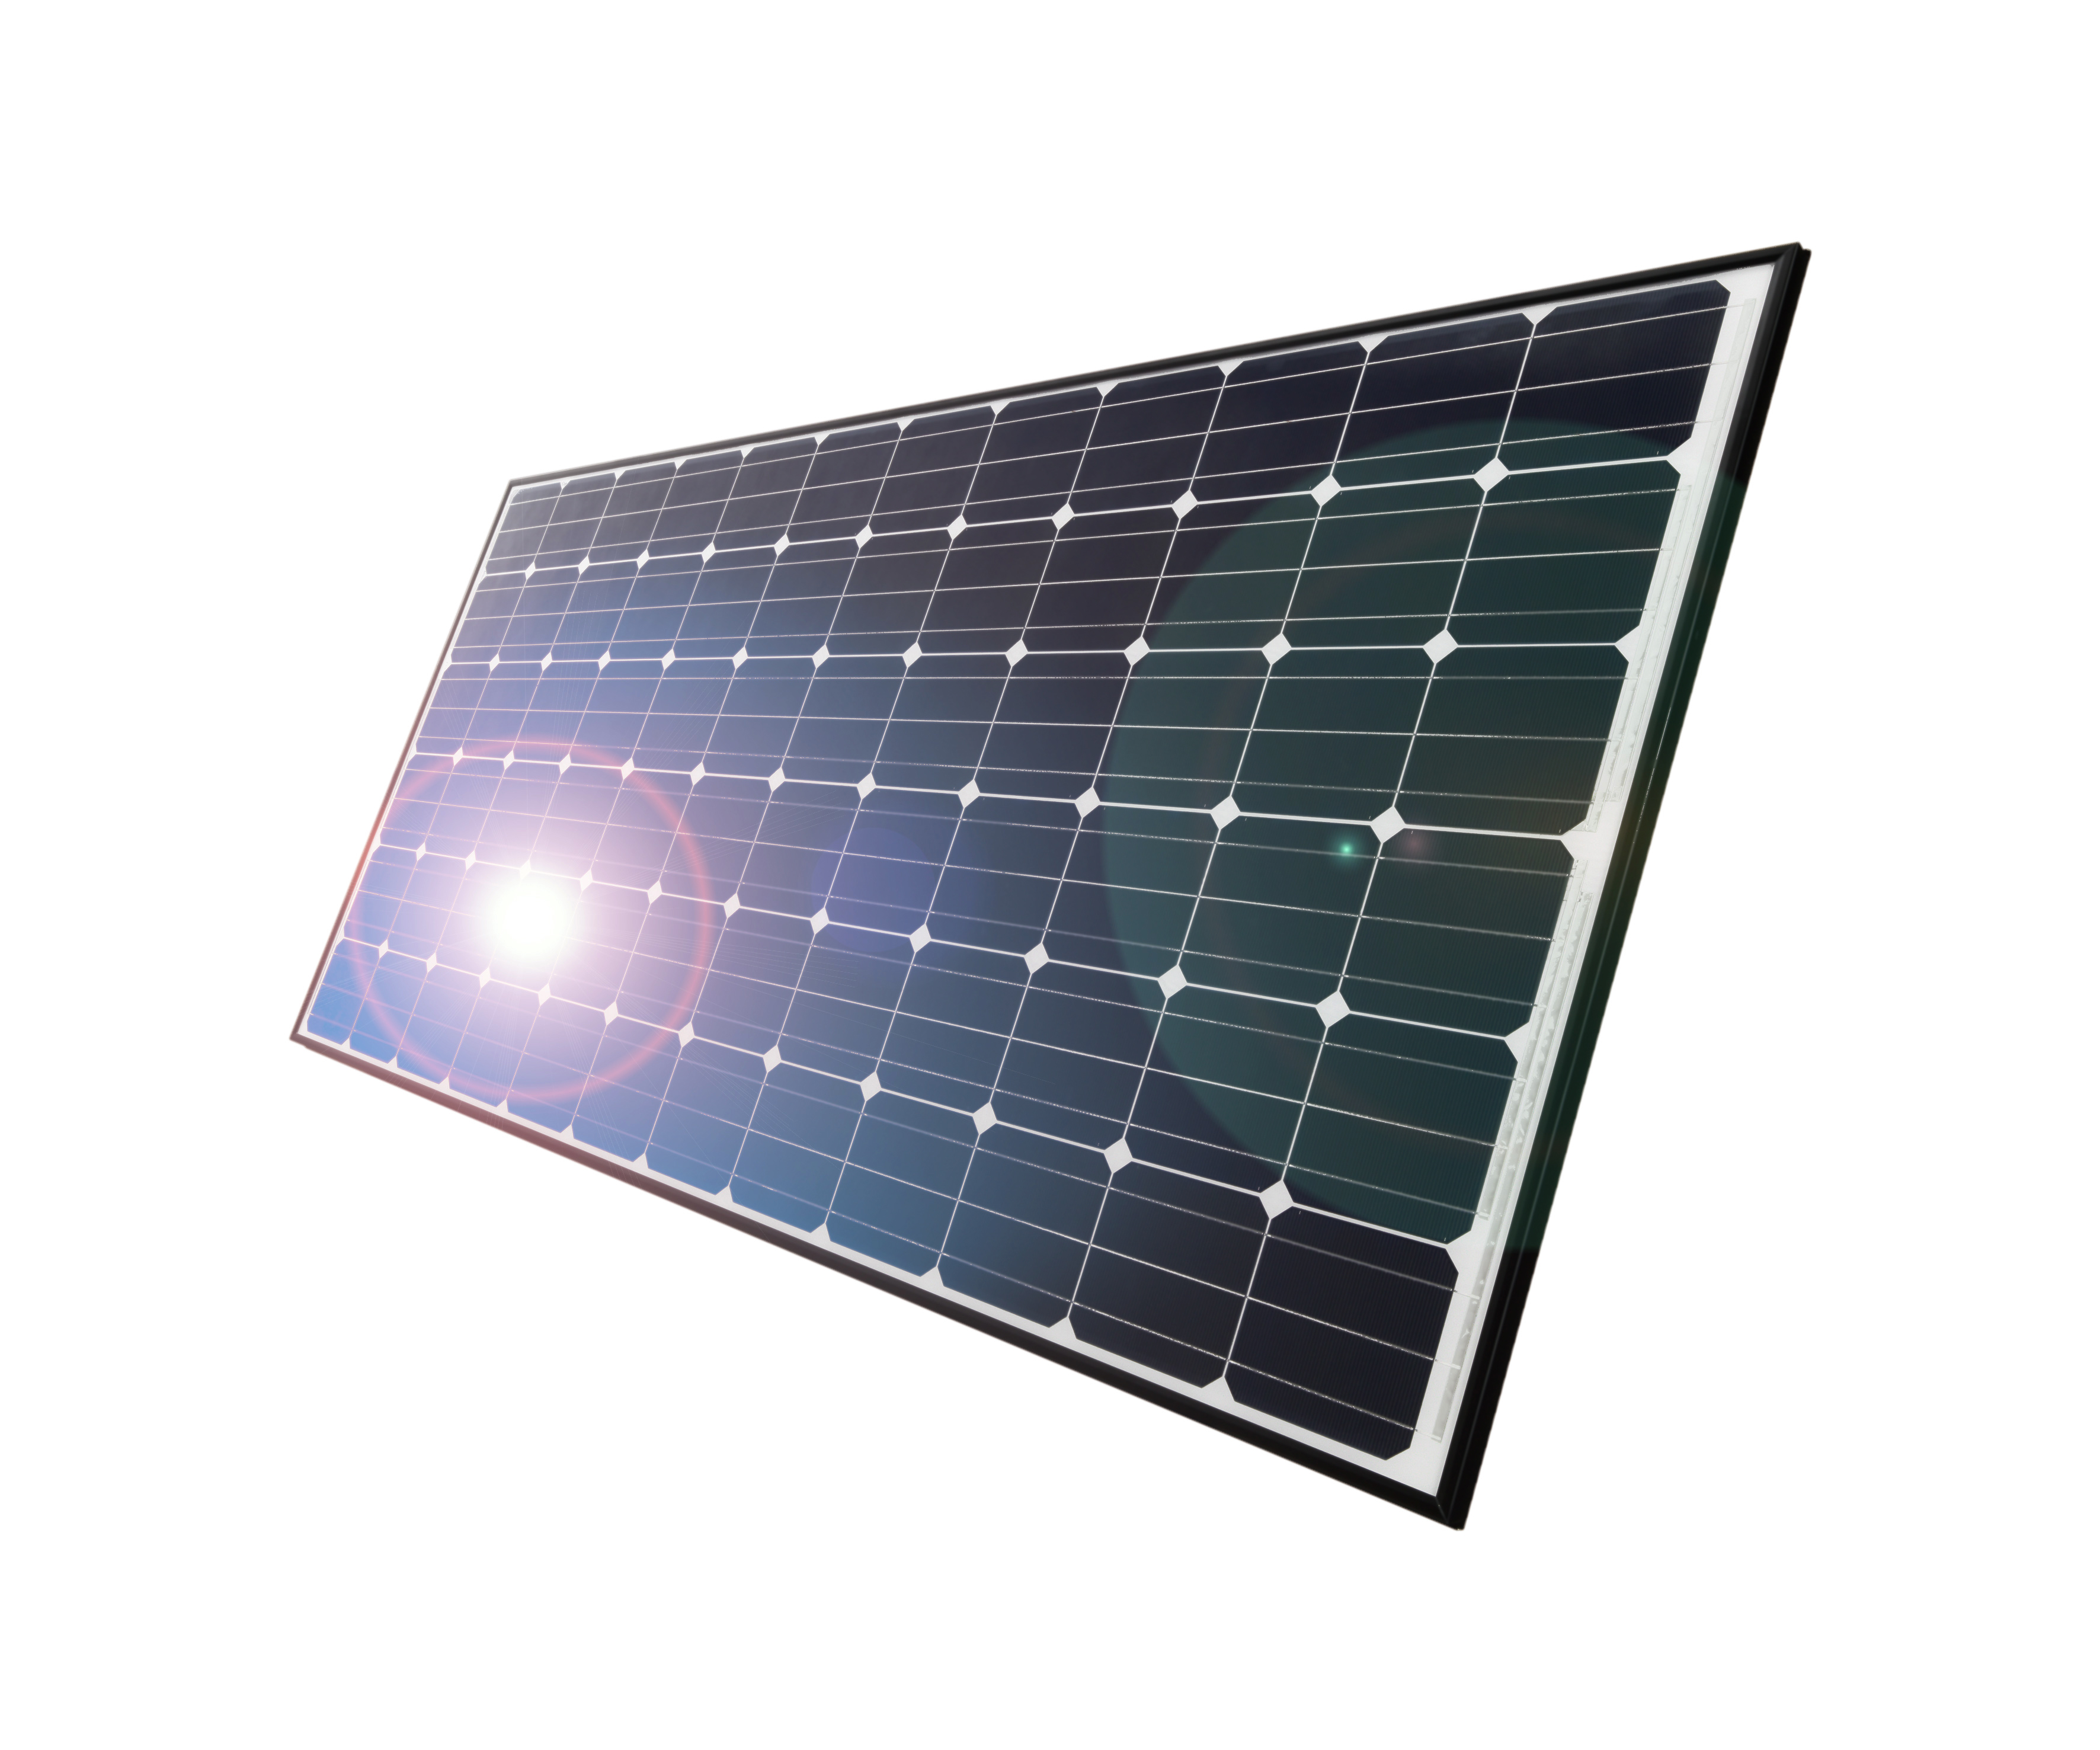 HIT太陽電池モジュール